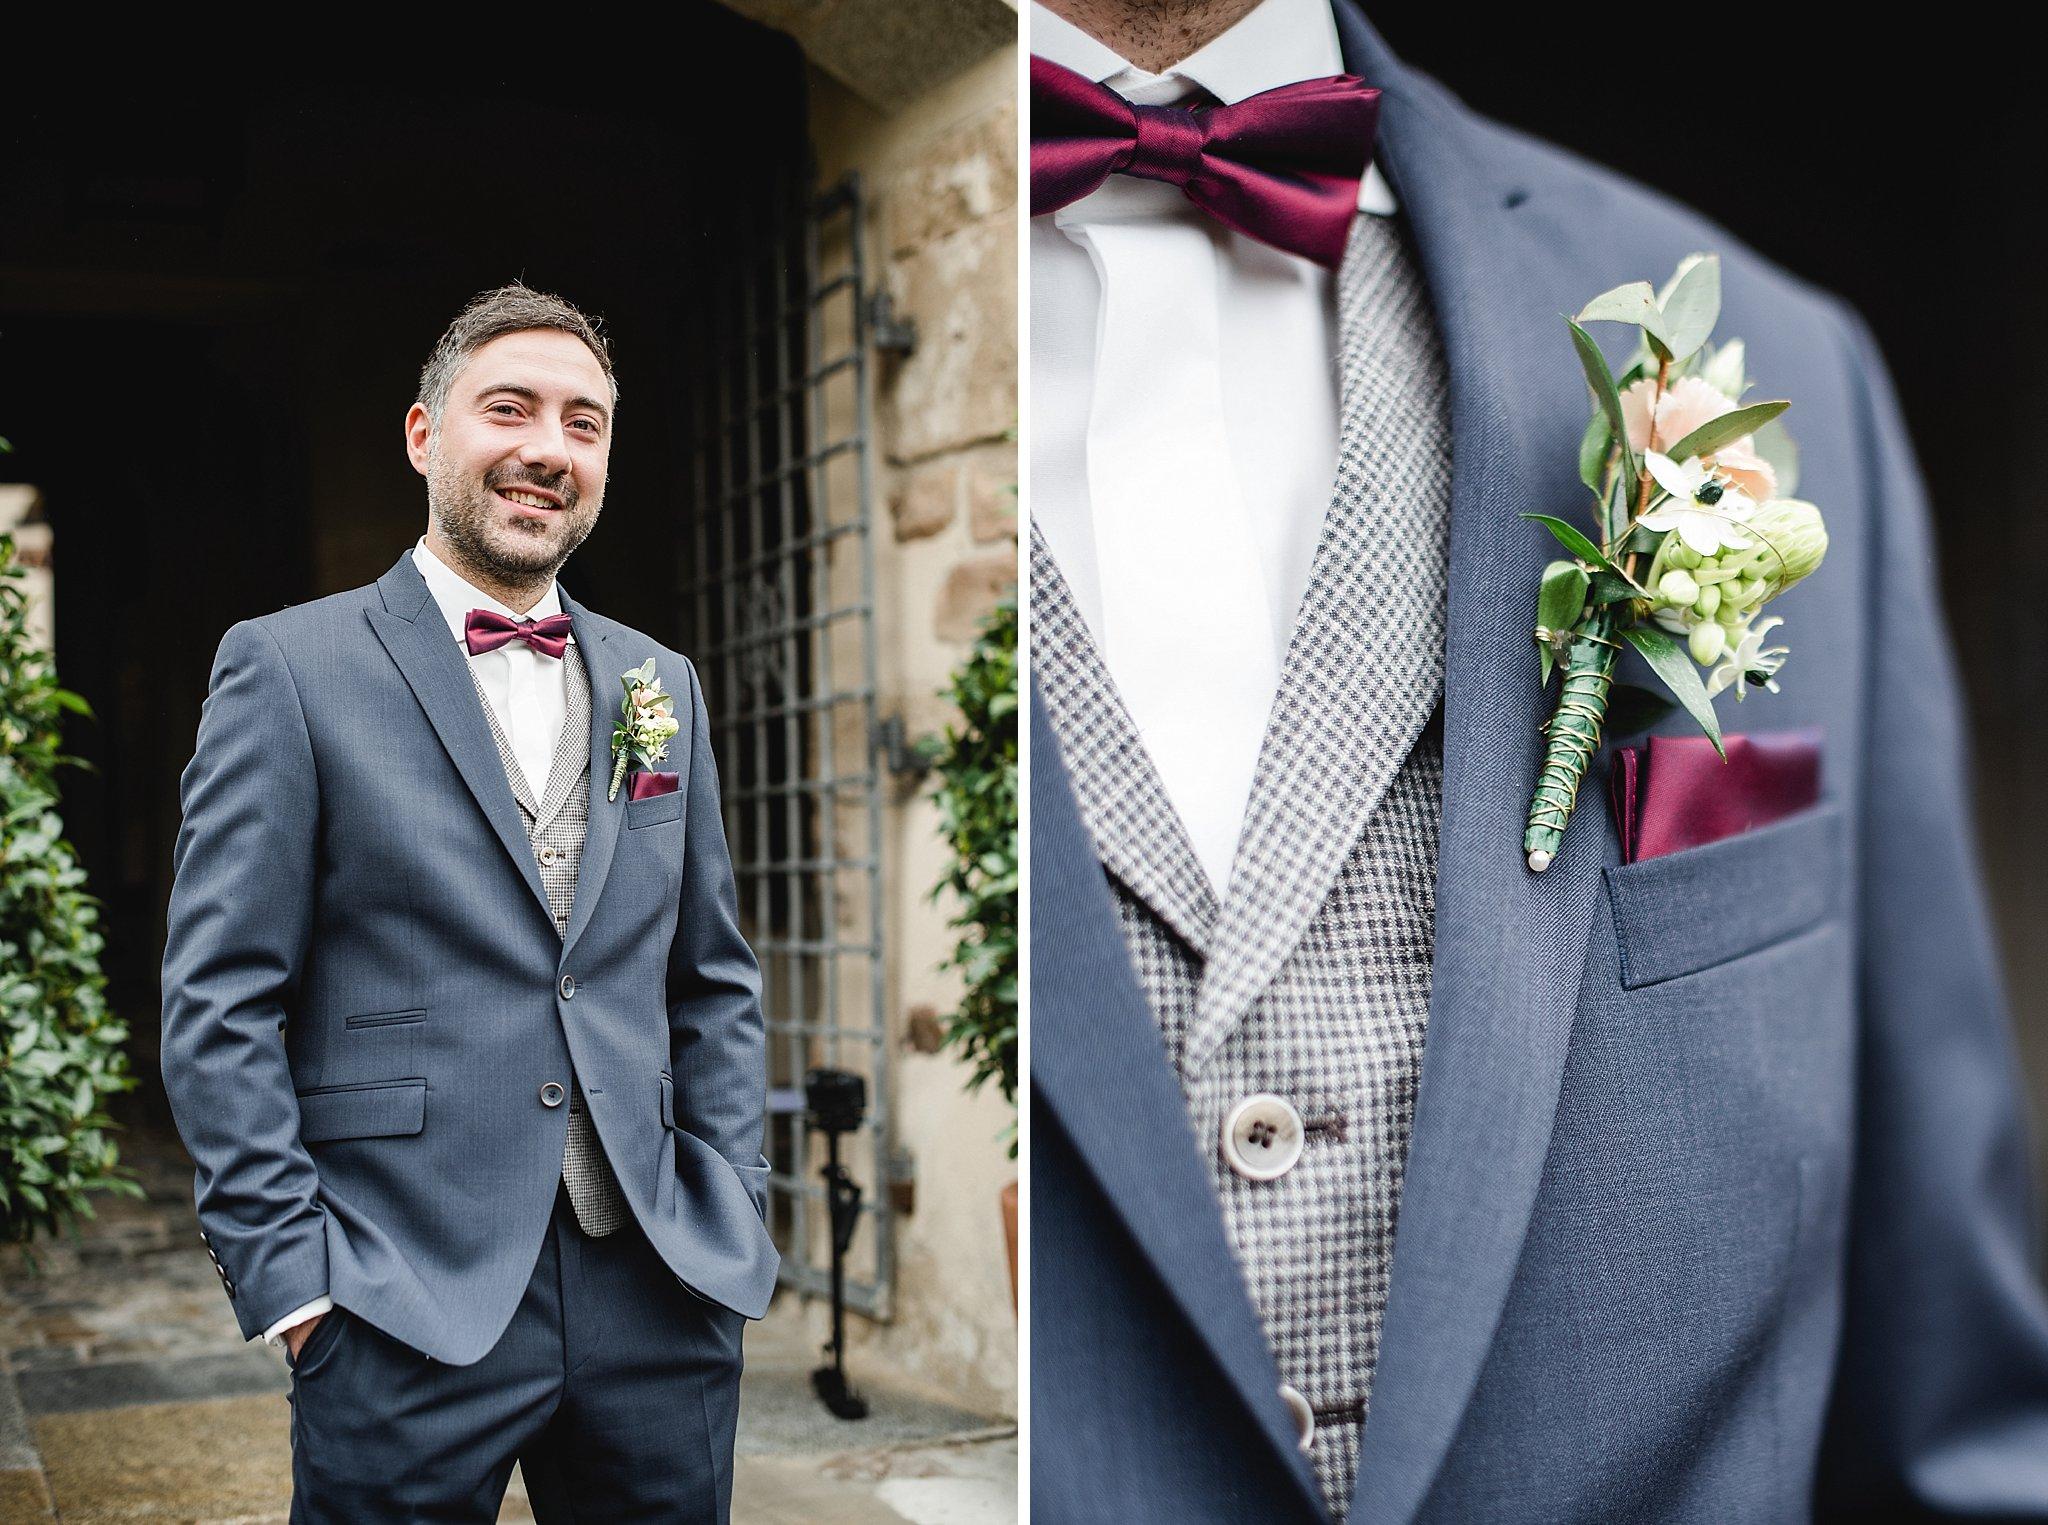 Hochzeit-von-Marina-Dominik-auf-Burg-Wernberg-und-Schloss-Friedrichsburg-00061